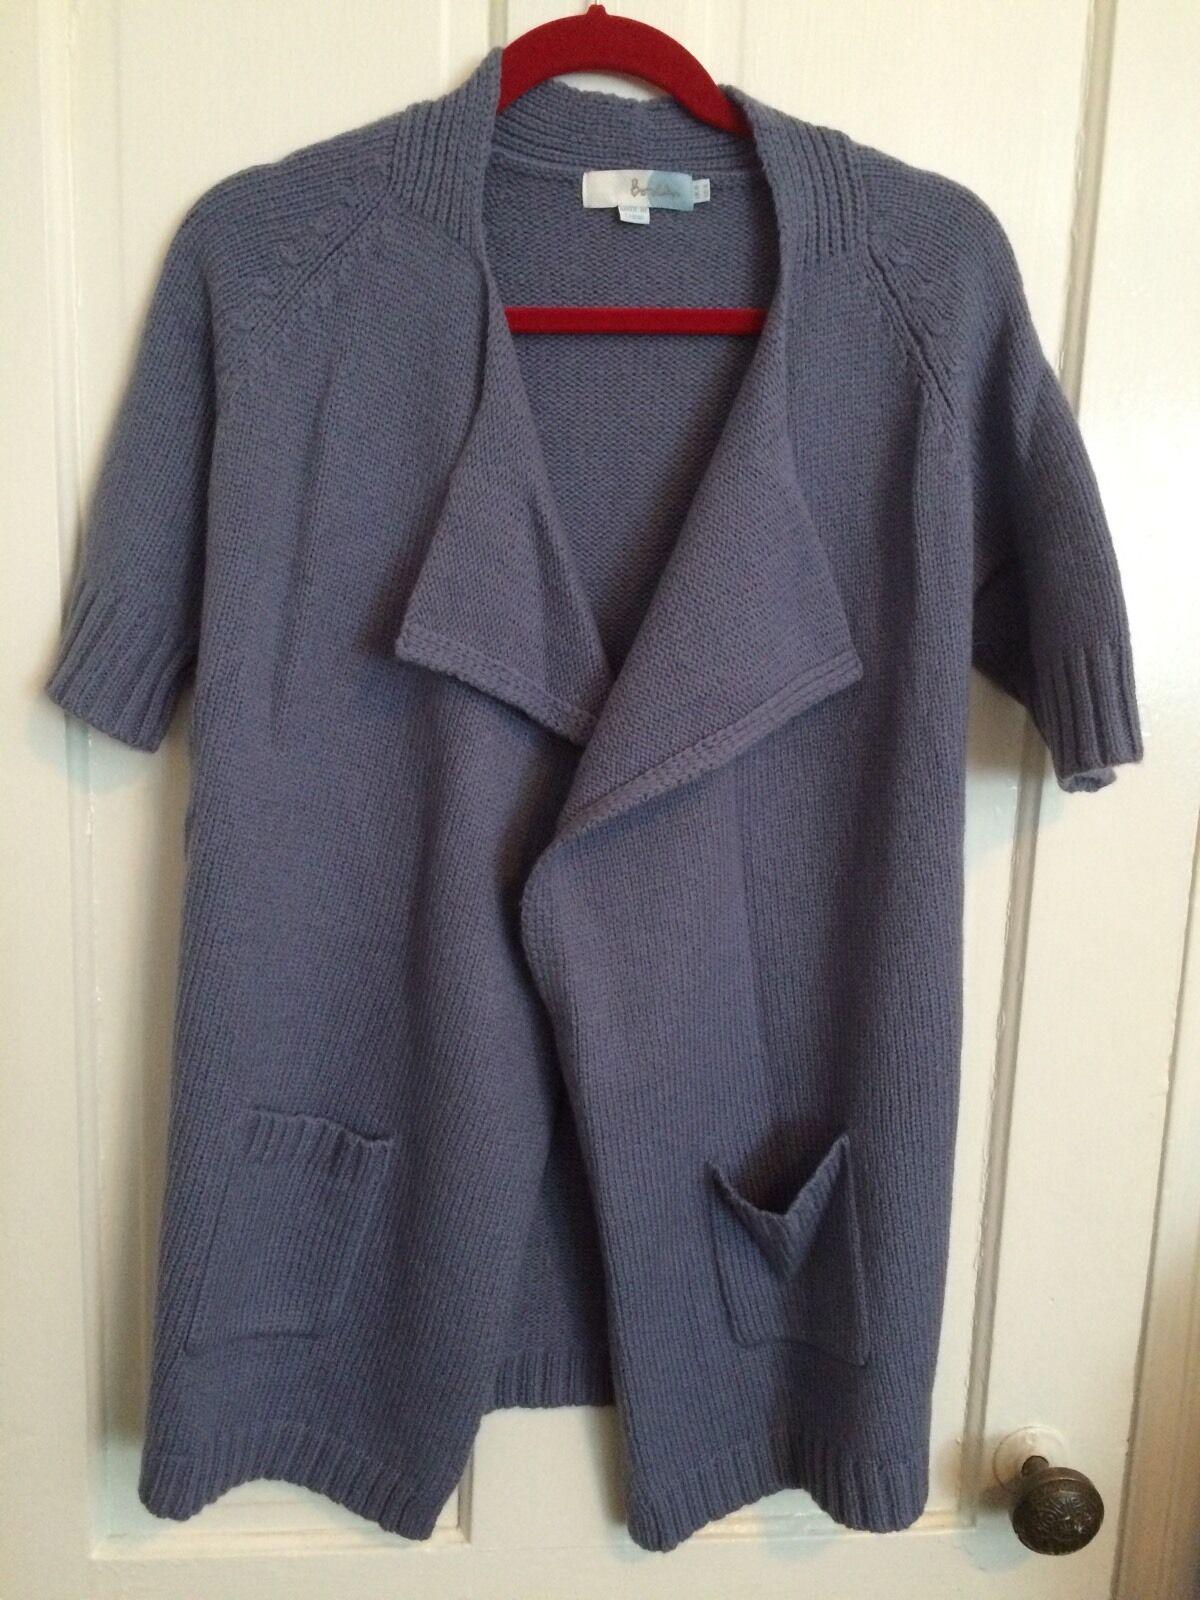 BODEN Open Front Wool Alpaca Cardigan Sweater Knit Short Sleeve Women US 4